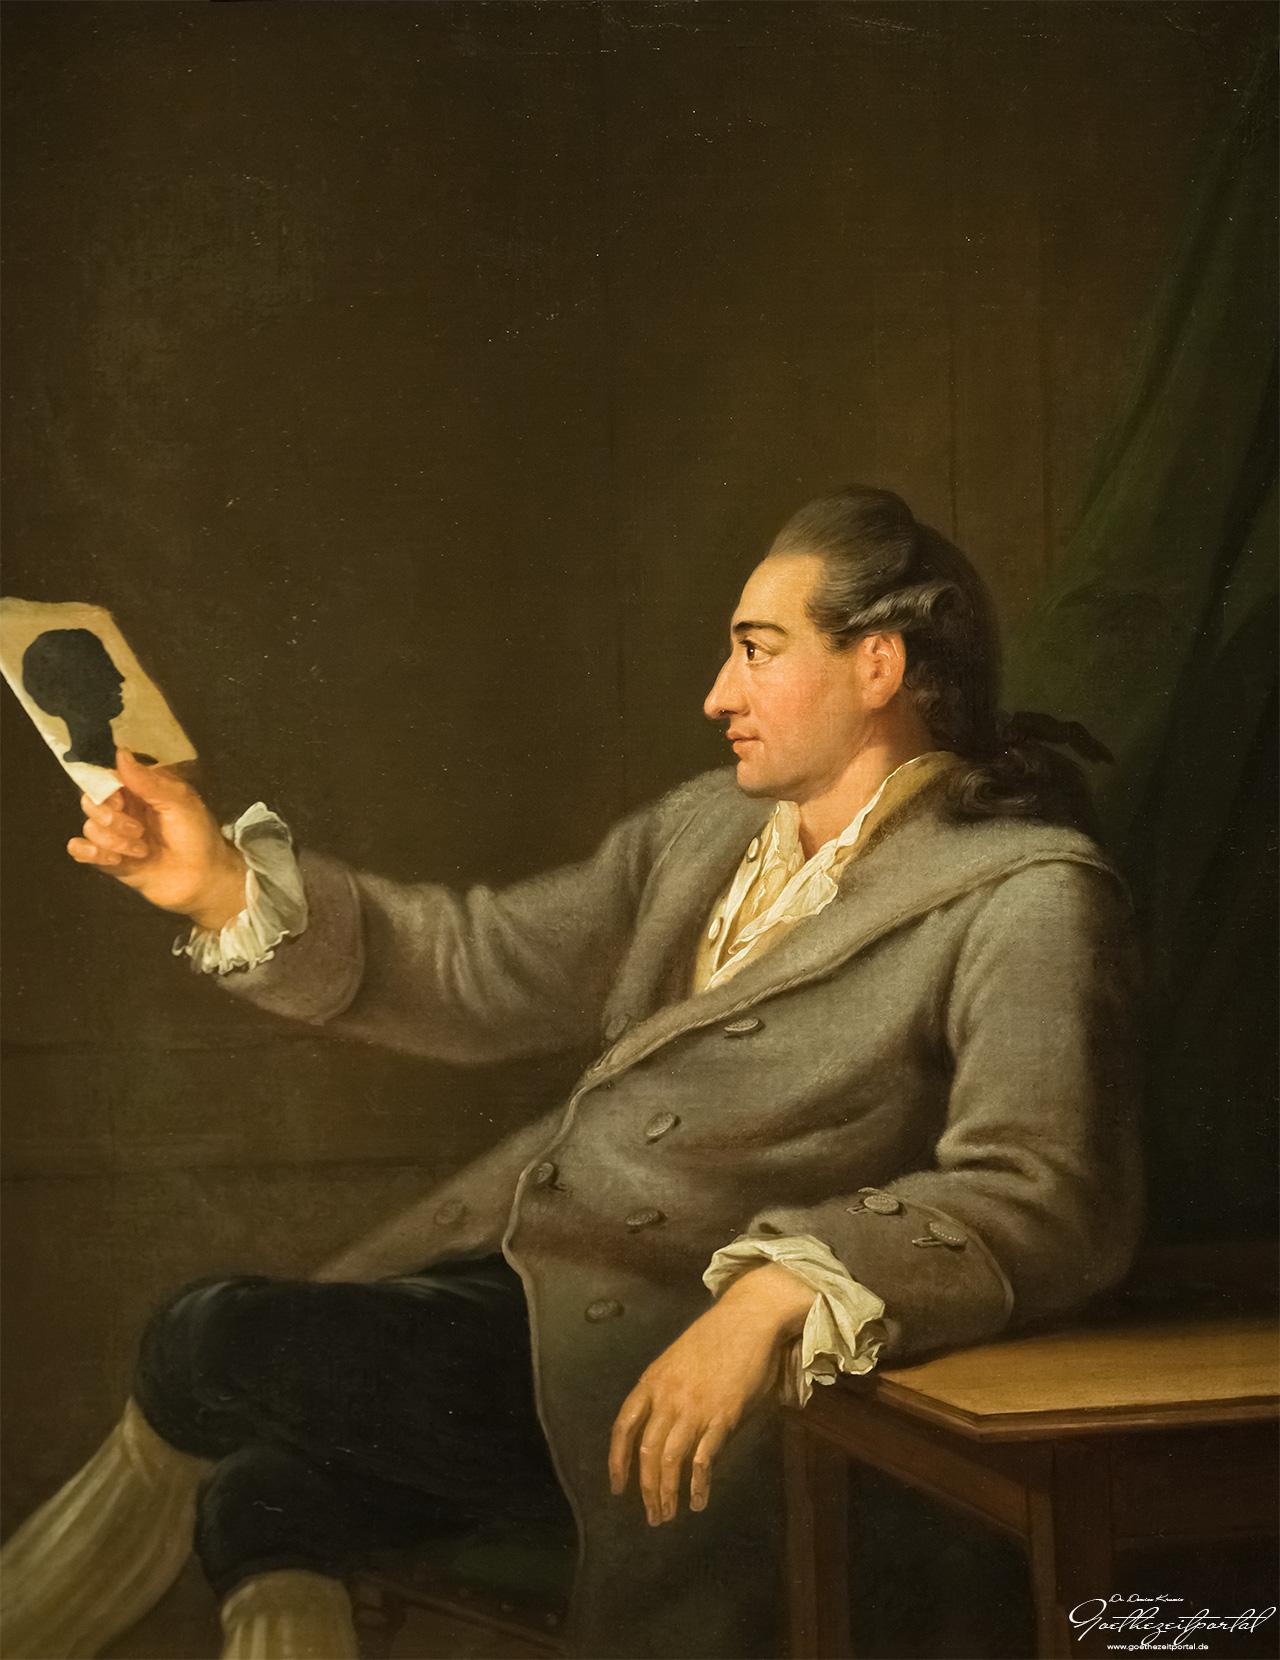 素材三梅尔乔克劳斯油画作品歌德1775-1776藏于魏玛古典基金会.jpg